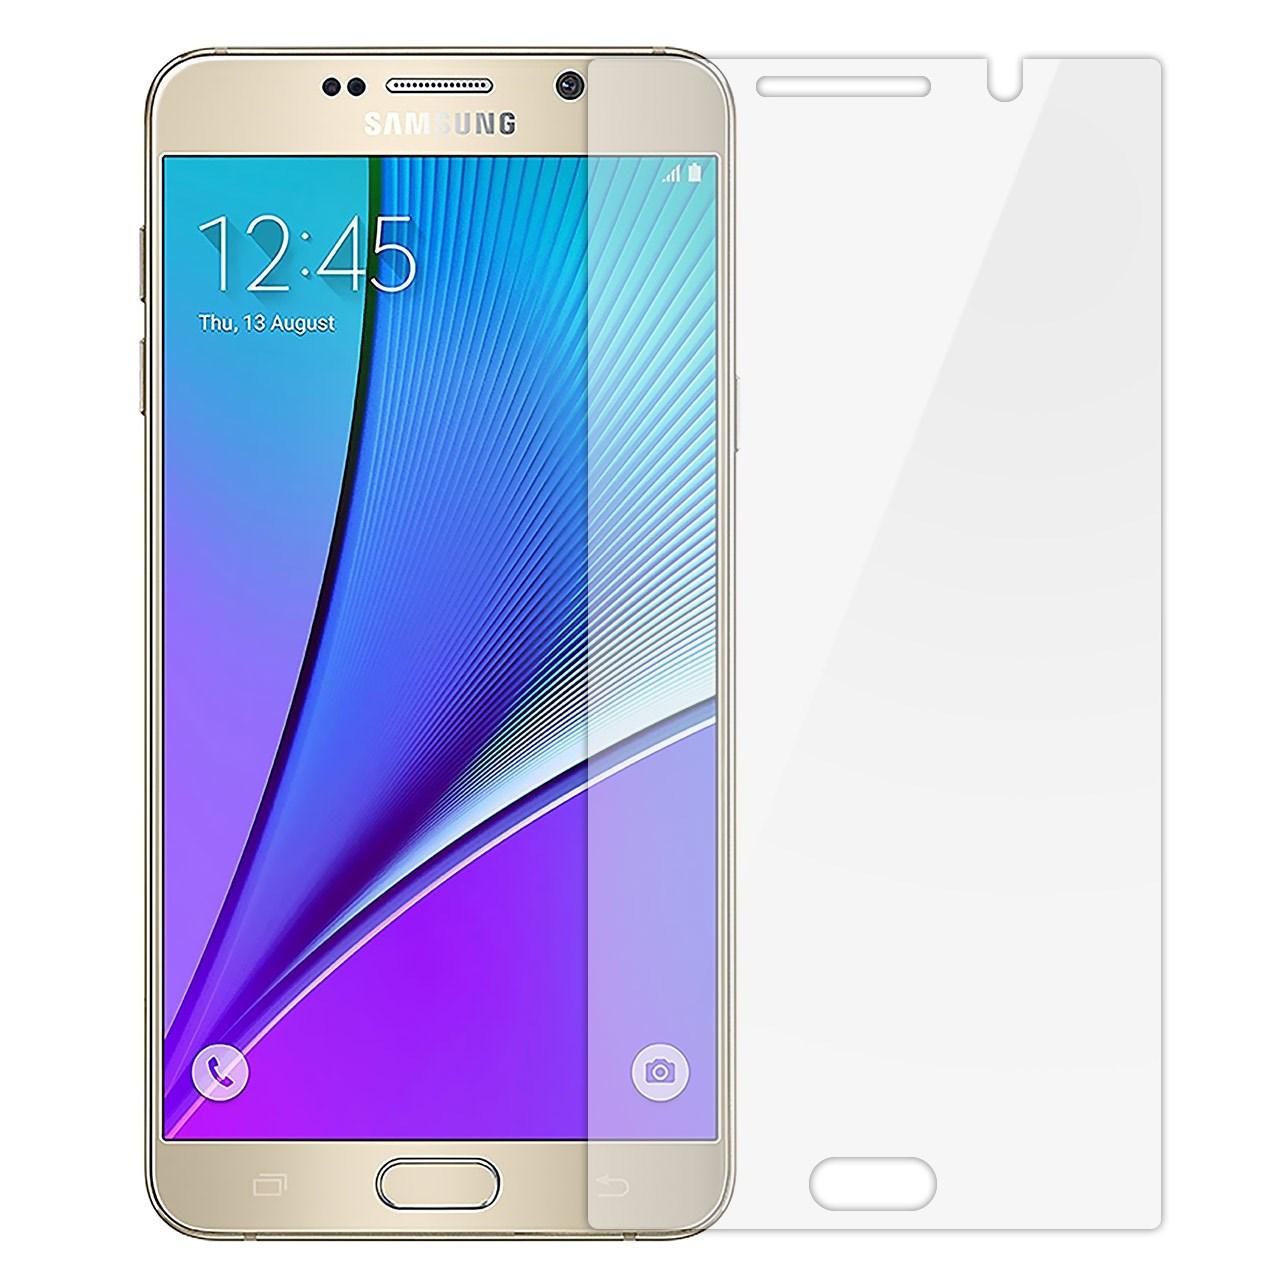 محافظ صفحه نمایش تی پی یو مدل Full Cover مناسب برای گوشی موبایل سامسونگ Galaxy Note 5